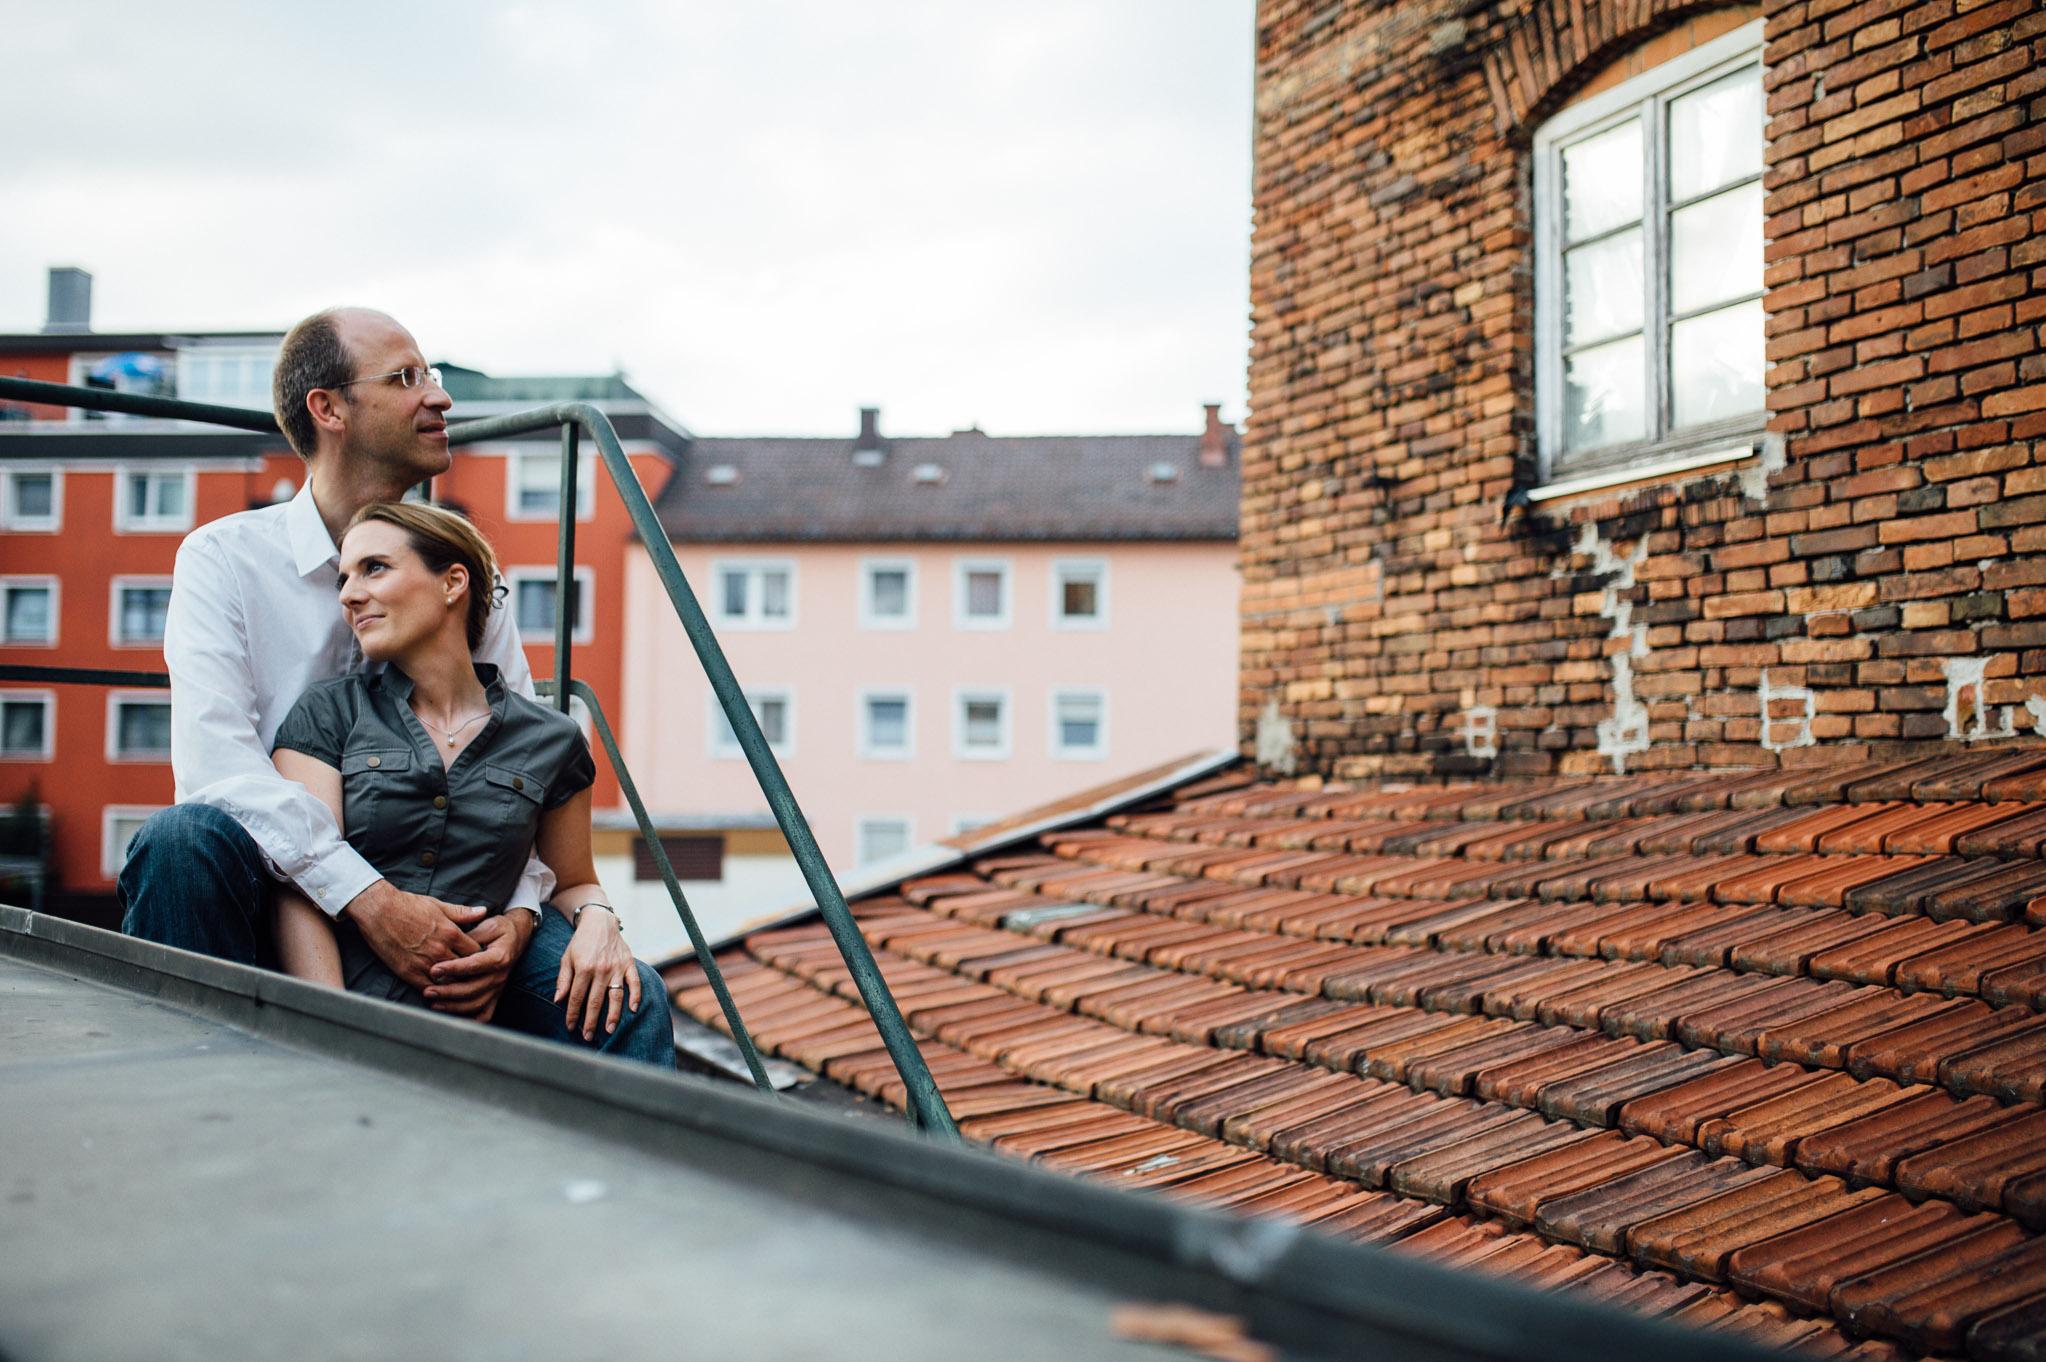 hochzeitsfotograf_andreas_jacob_engagement_rosenheim_052